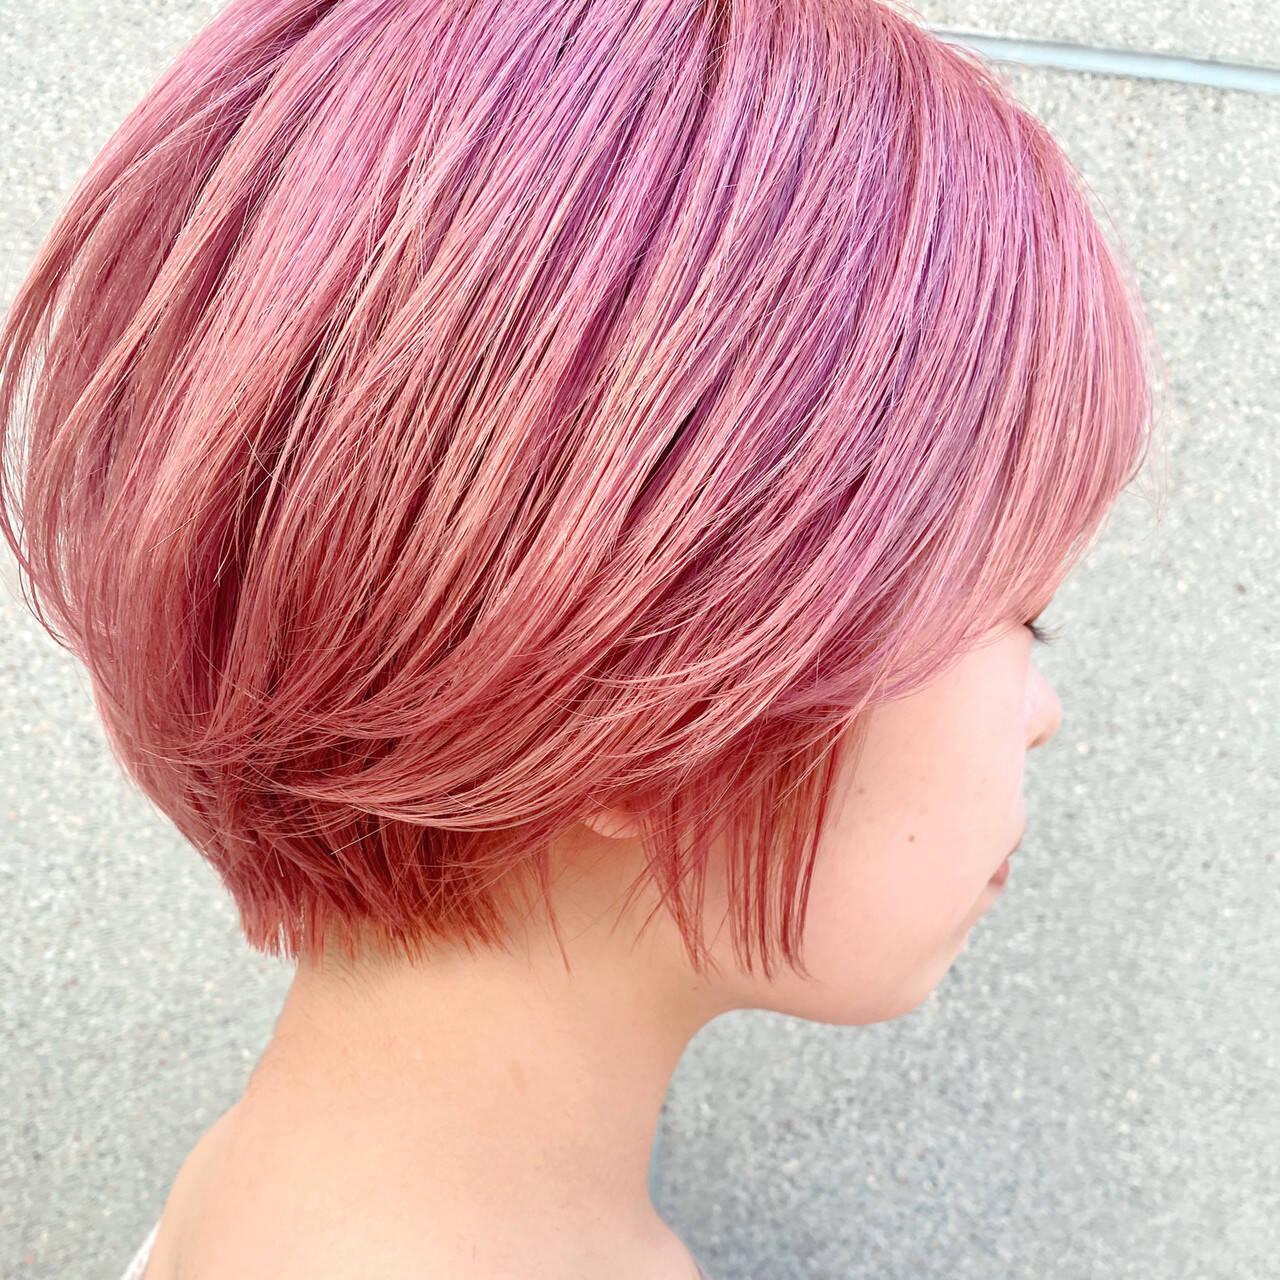 ショート ナチュラル ショートボブ 透明感カラーヘアスタイルや髪型の写真・画像